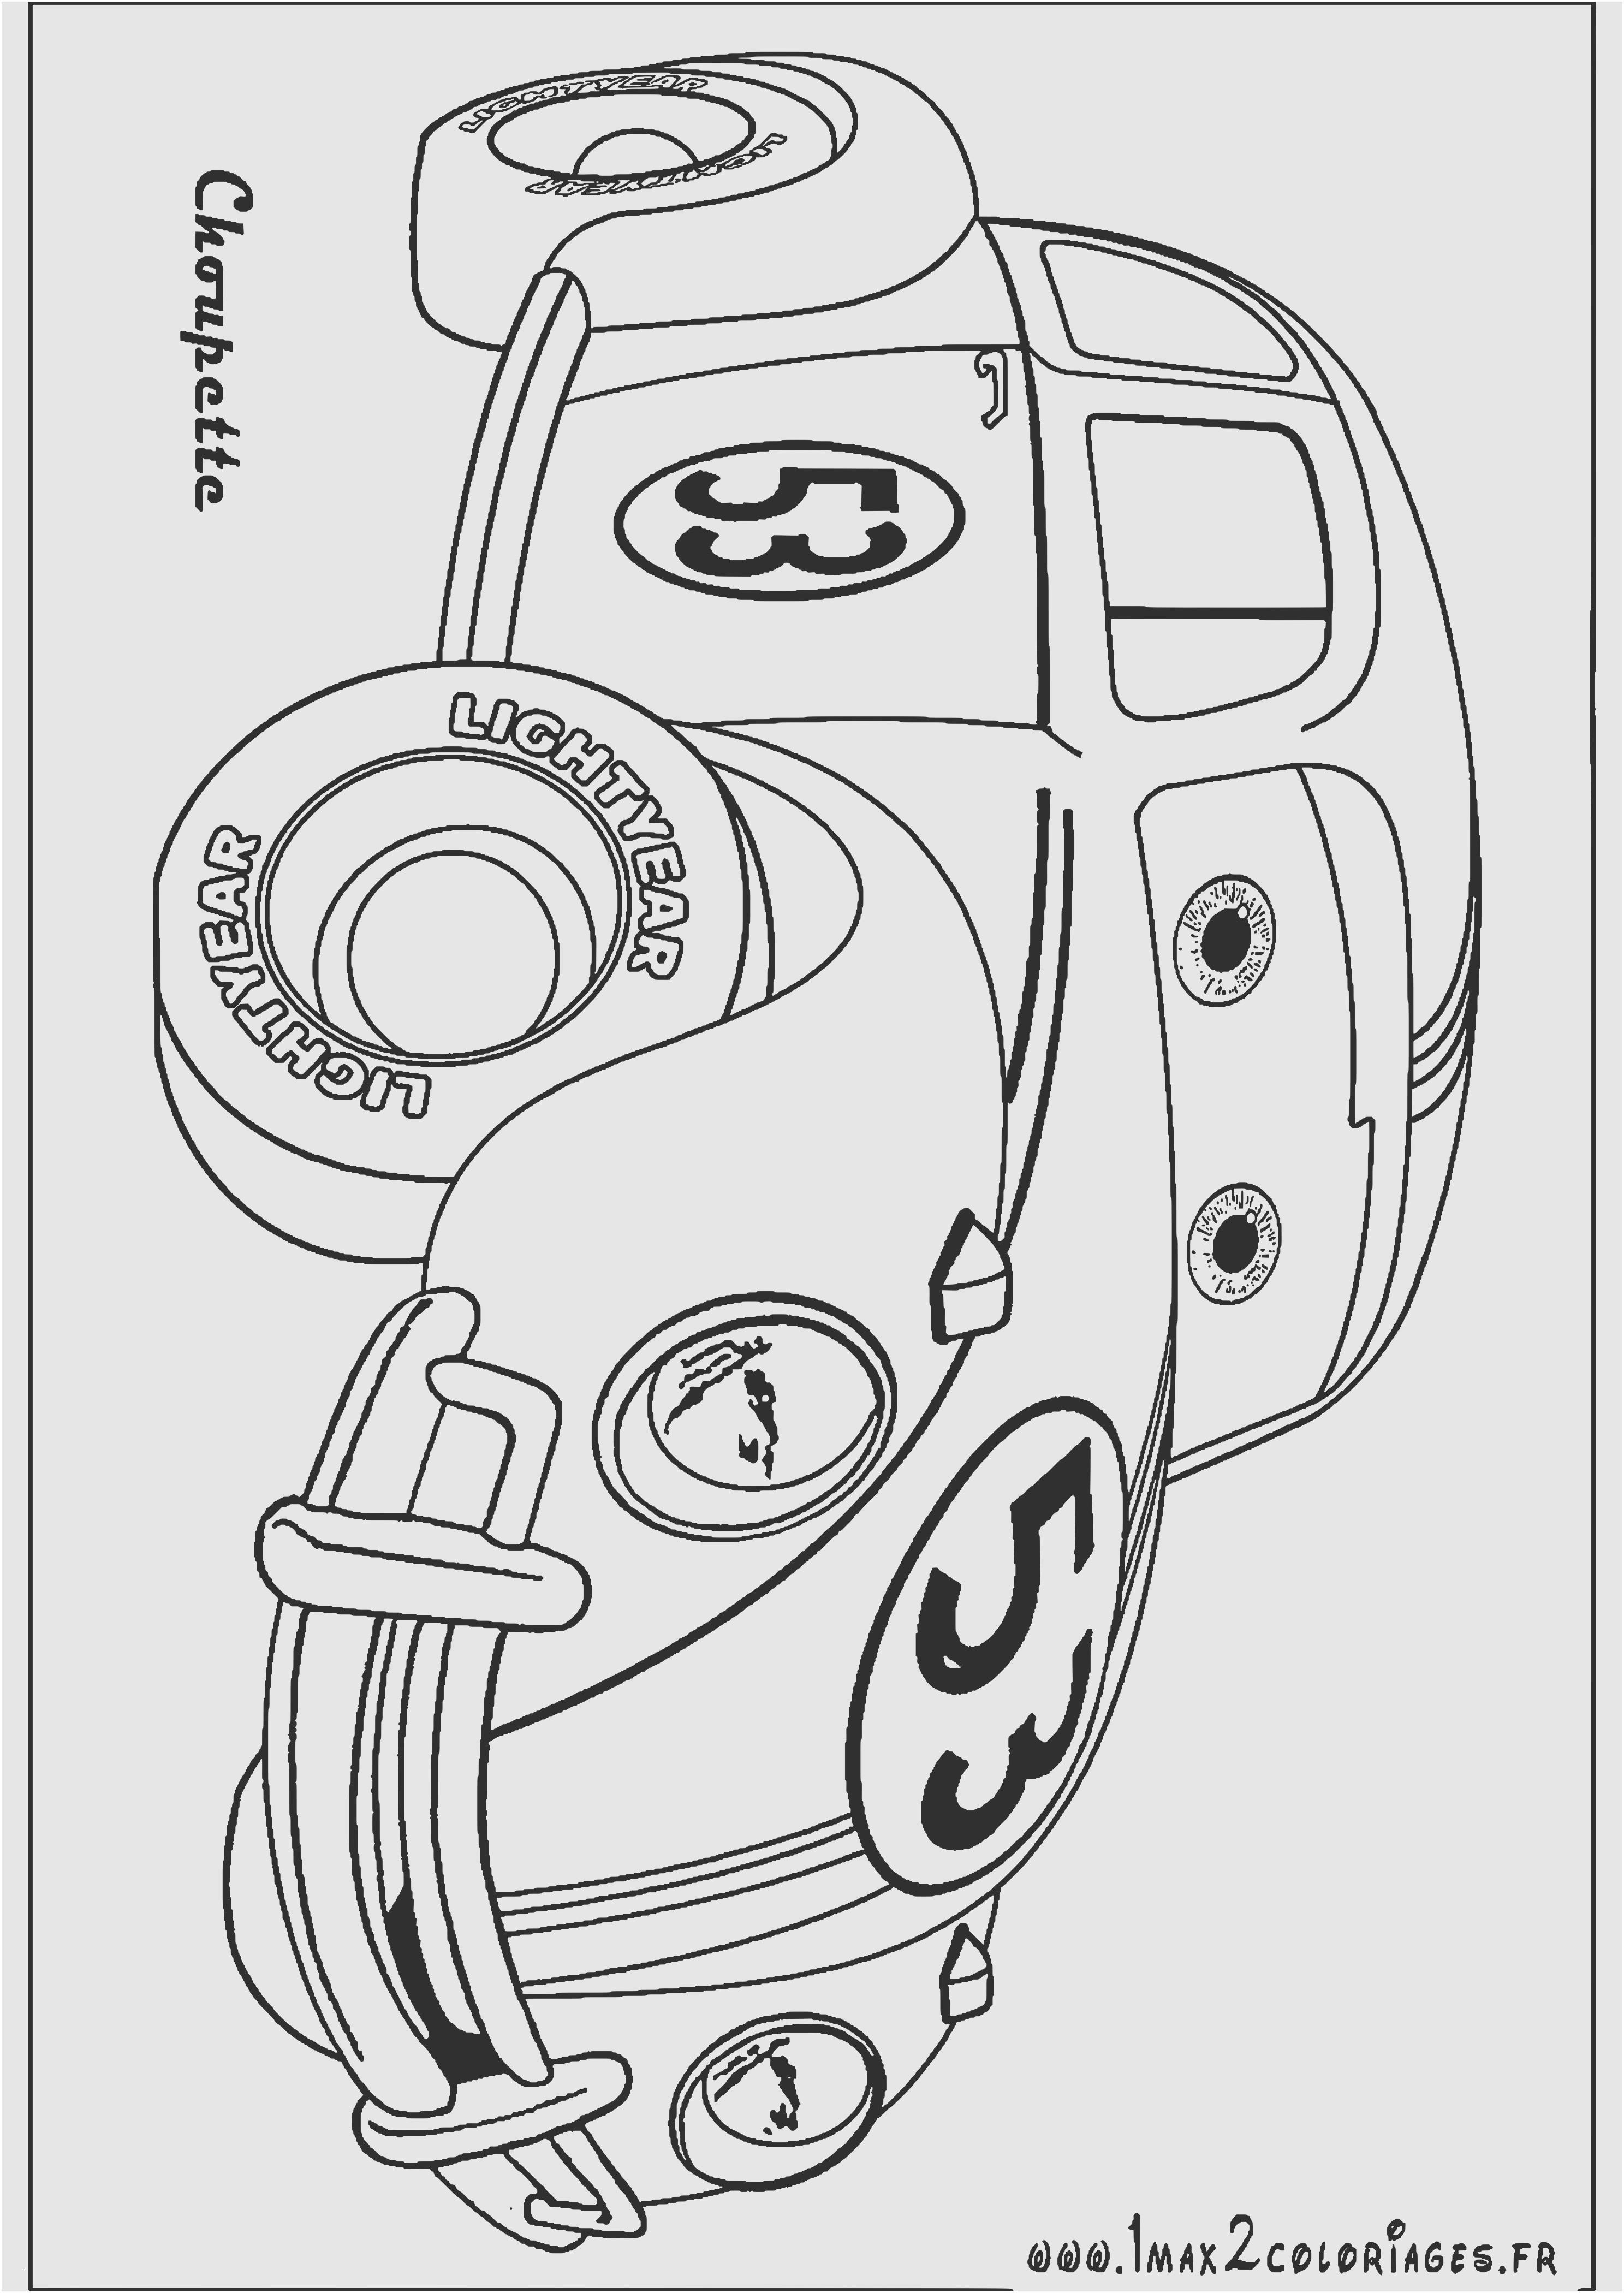 Spongebob Bilder Zum Ausmalen Frisch 42 Neu Papagei Ausmalen – Große Coloring Page Sammlung Fotografieren